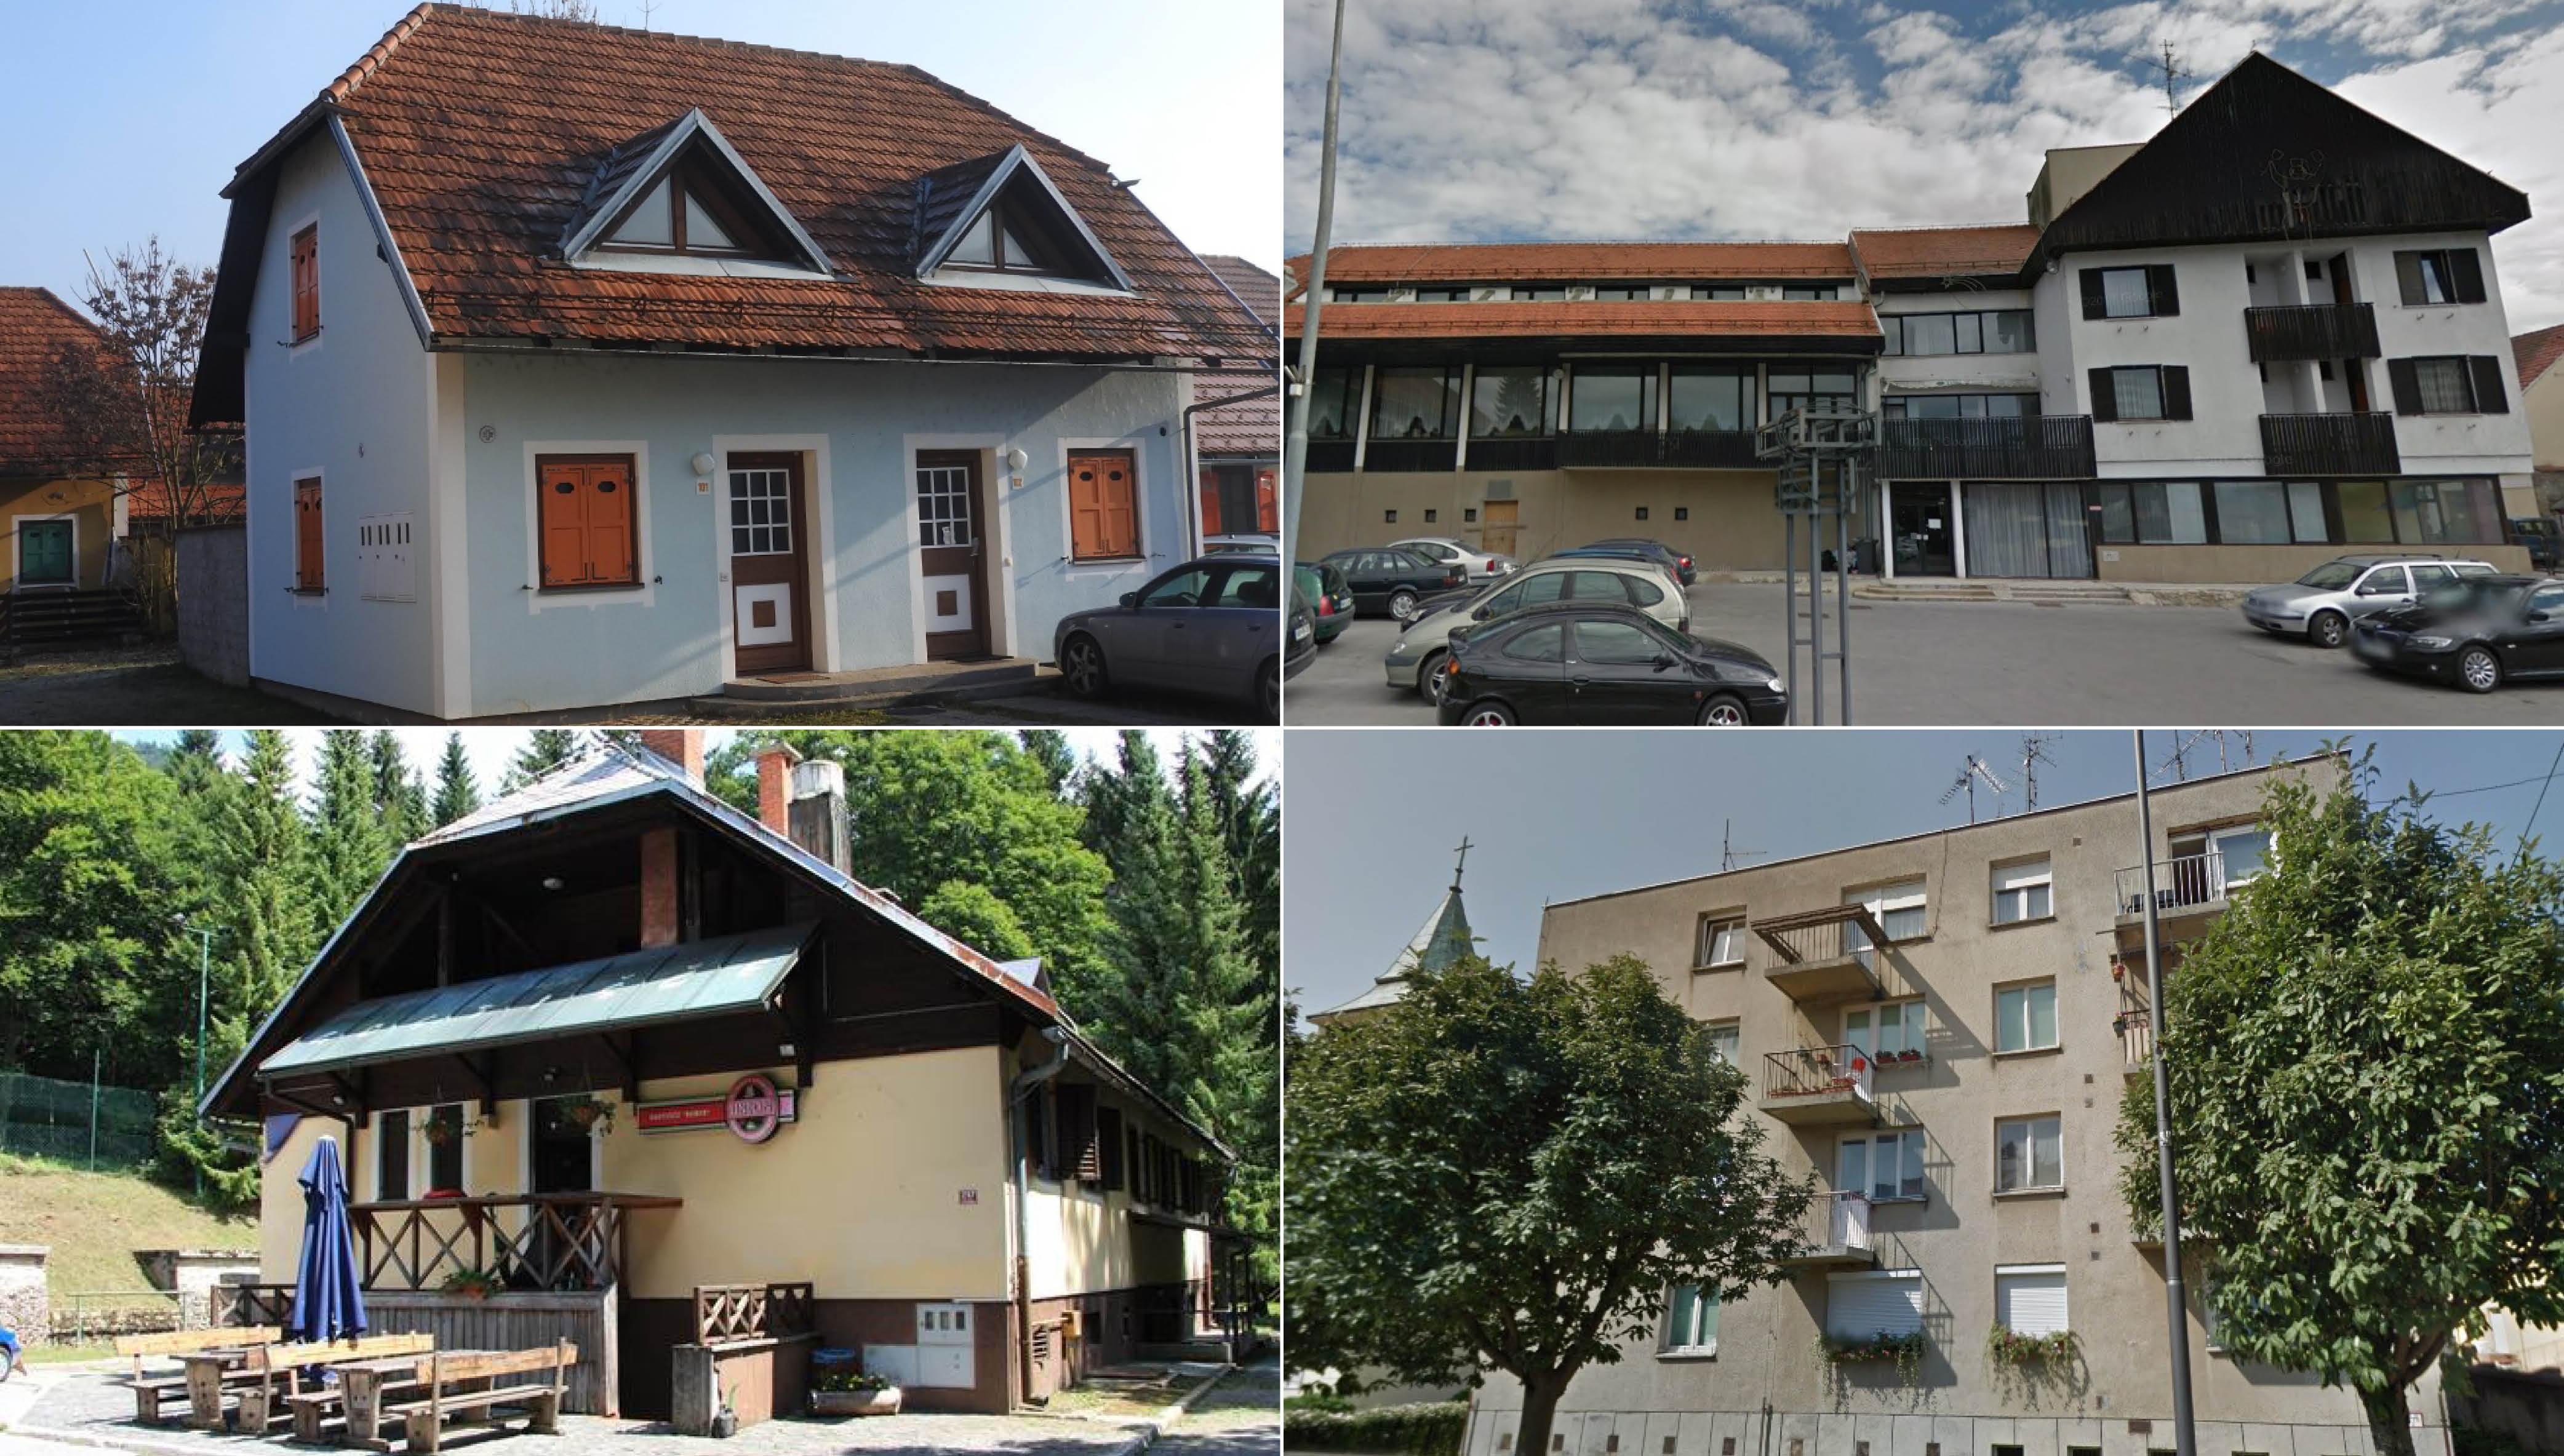 TOP dražbe: počitniška hiša v Čatežu, stanovanje v Lendavi, gostišče v Podljubelju, zemljišča pri Ajdovščini ...